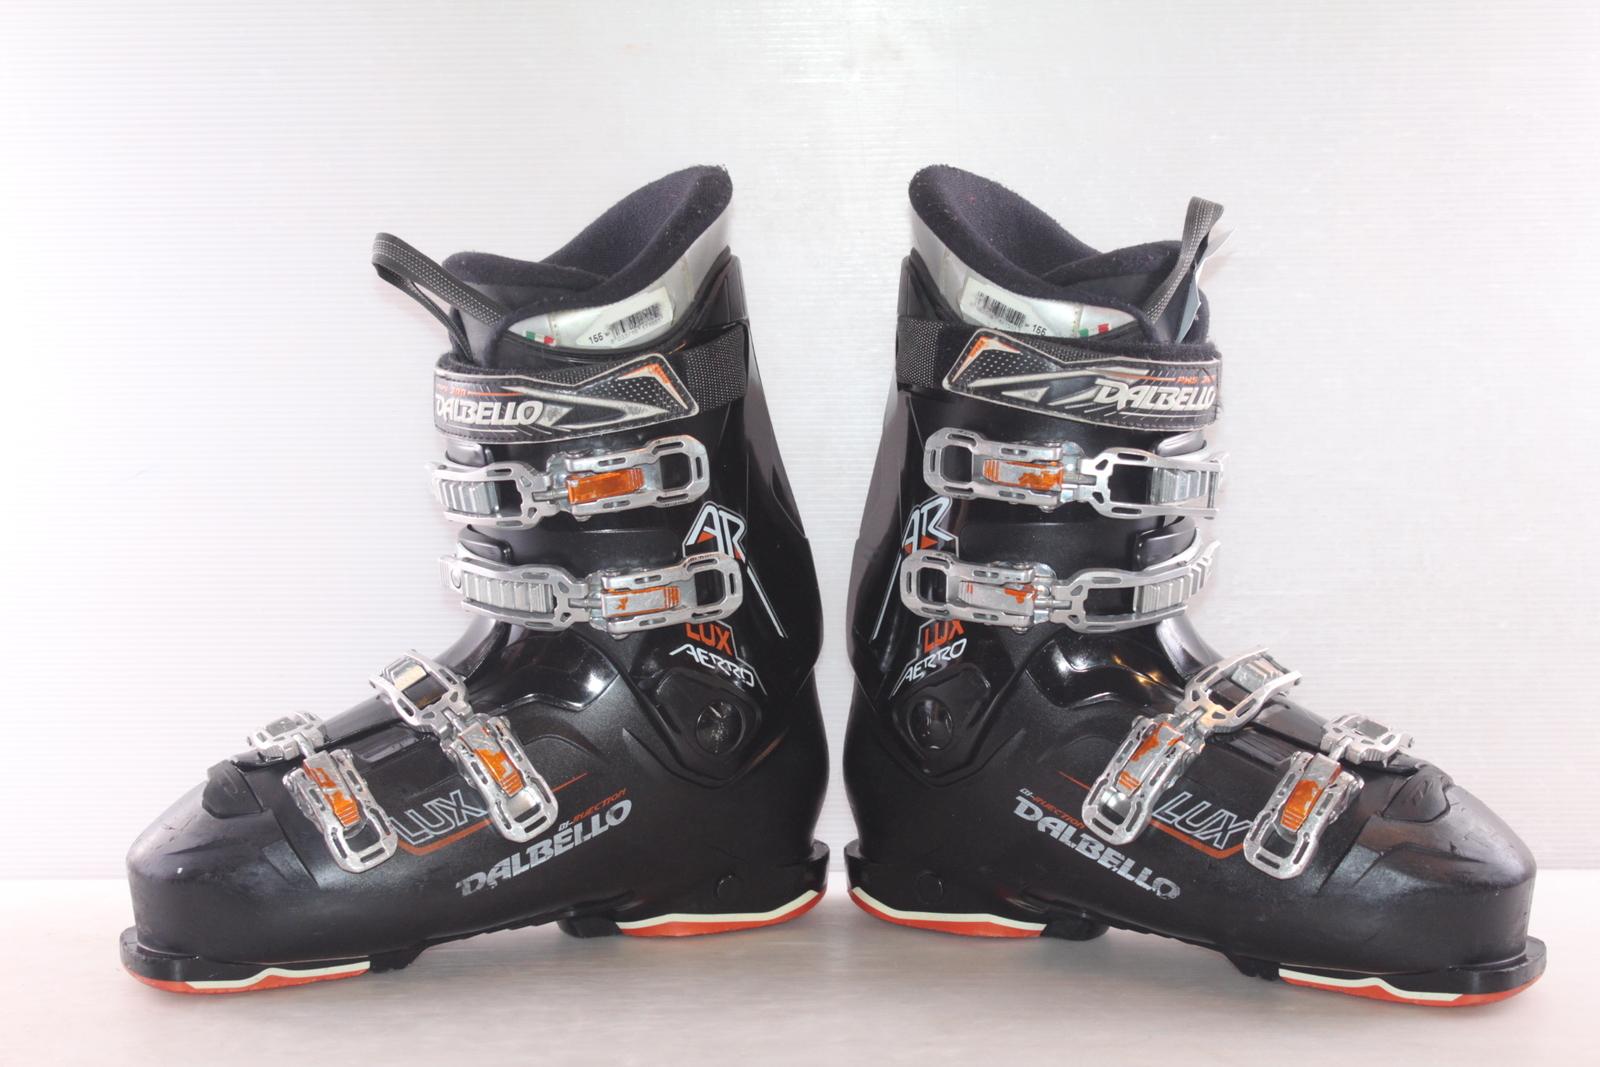 Lyžařské boty Dalbello Aerro Lux vel. EU43.5 flexe 75